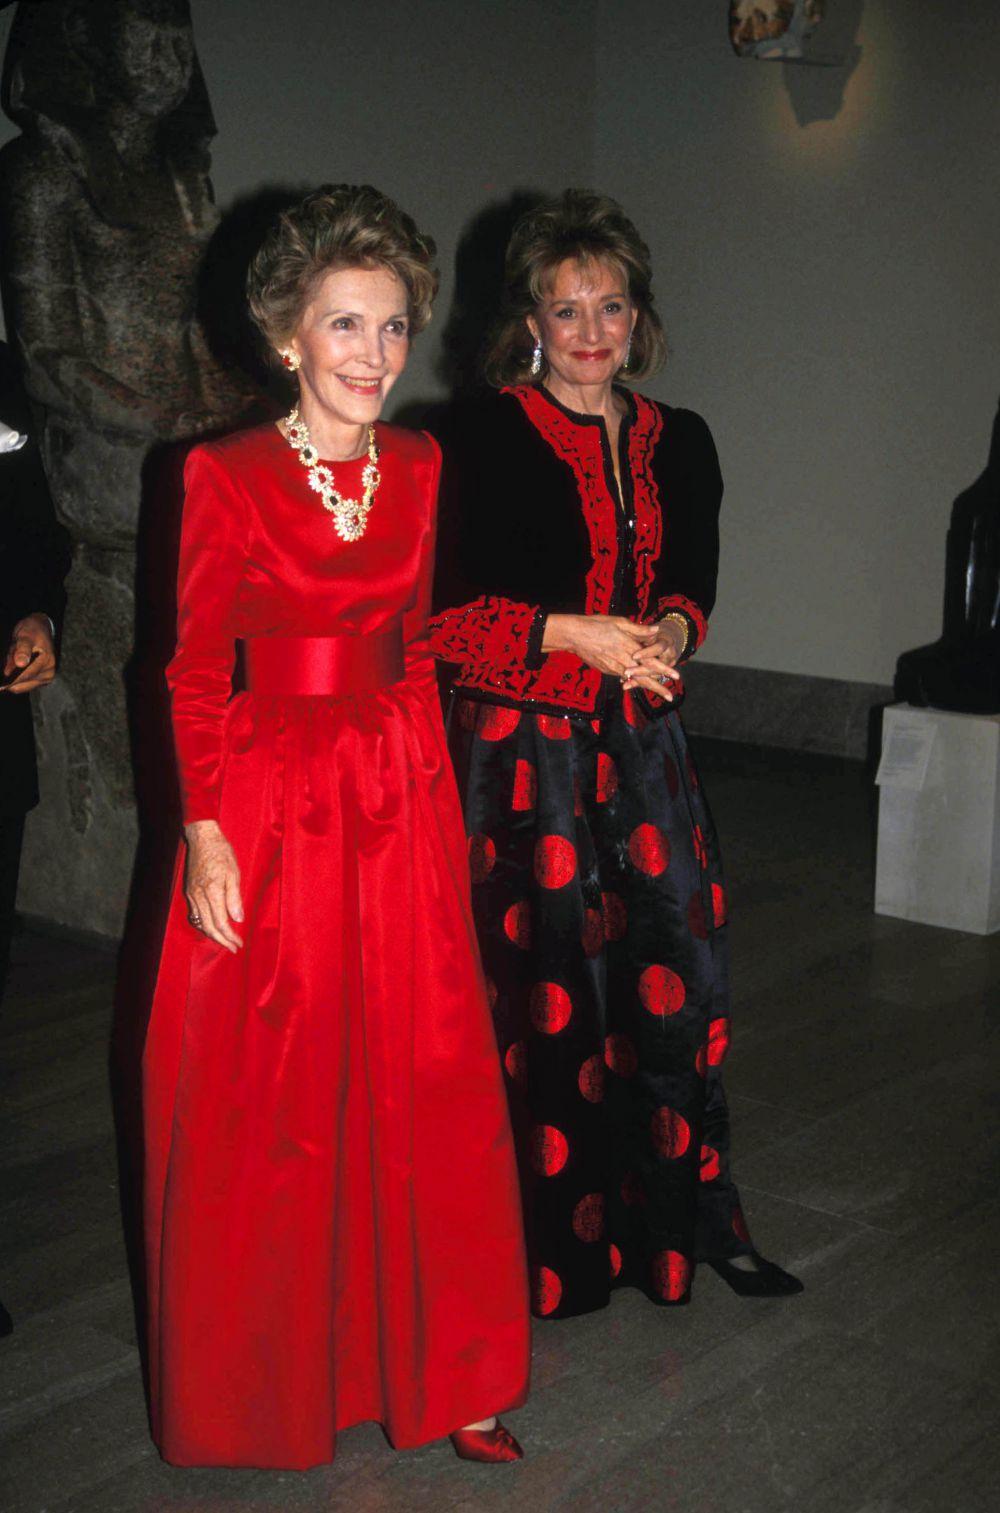 В платья от Оскара де ла Ренты одевались практически все первые леди США, начиная с середины XX века. Например, Нэнси Рейган, которая до старости оставалась верна платьям великого дизайнера. Первая леди США Нэнси Рейган (слева) на торжественном приёме, 1988 год.